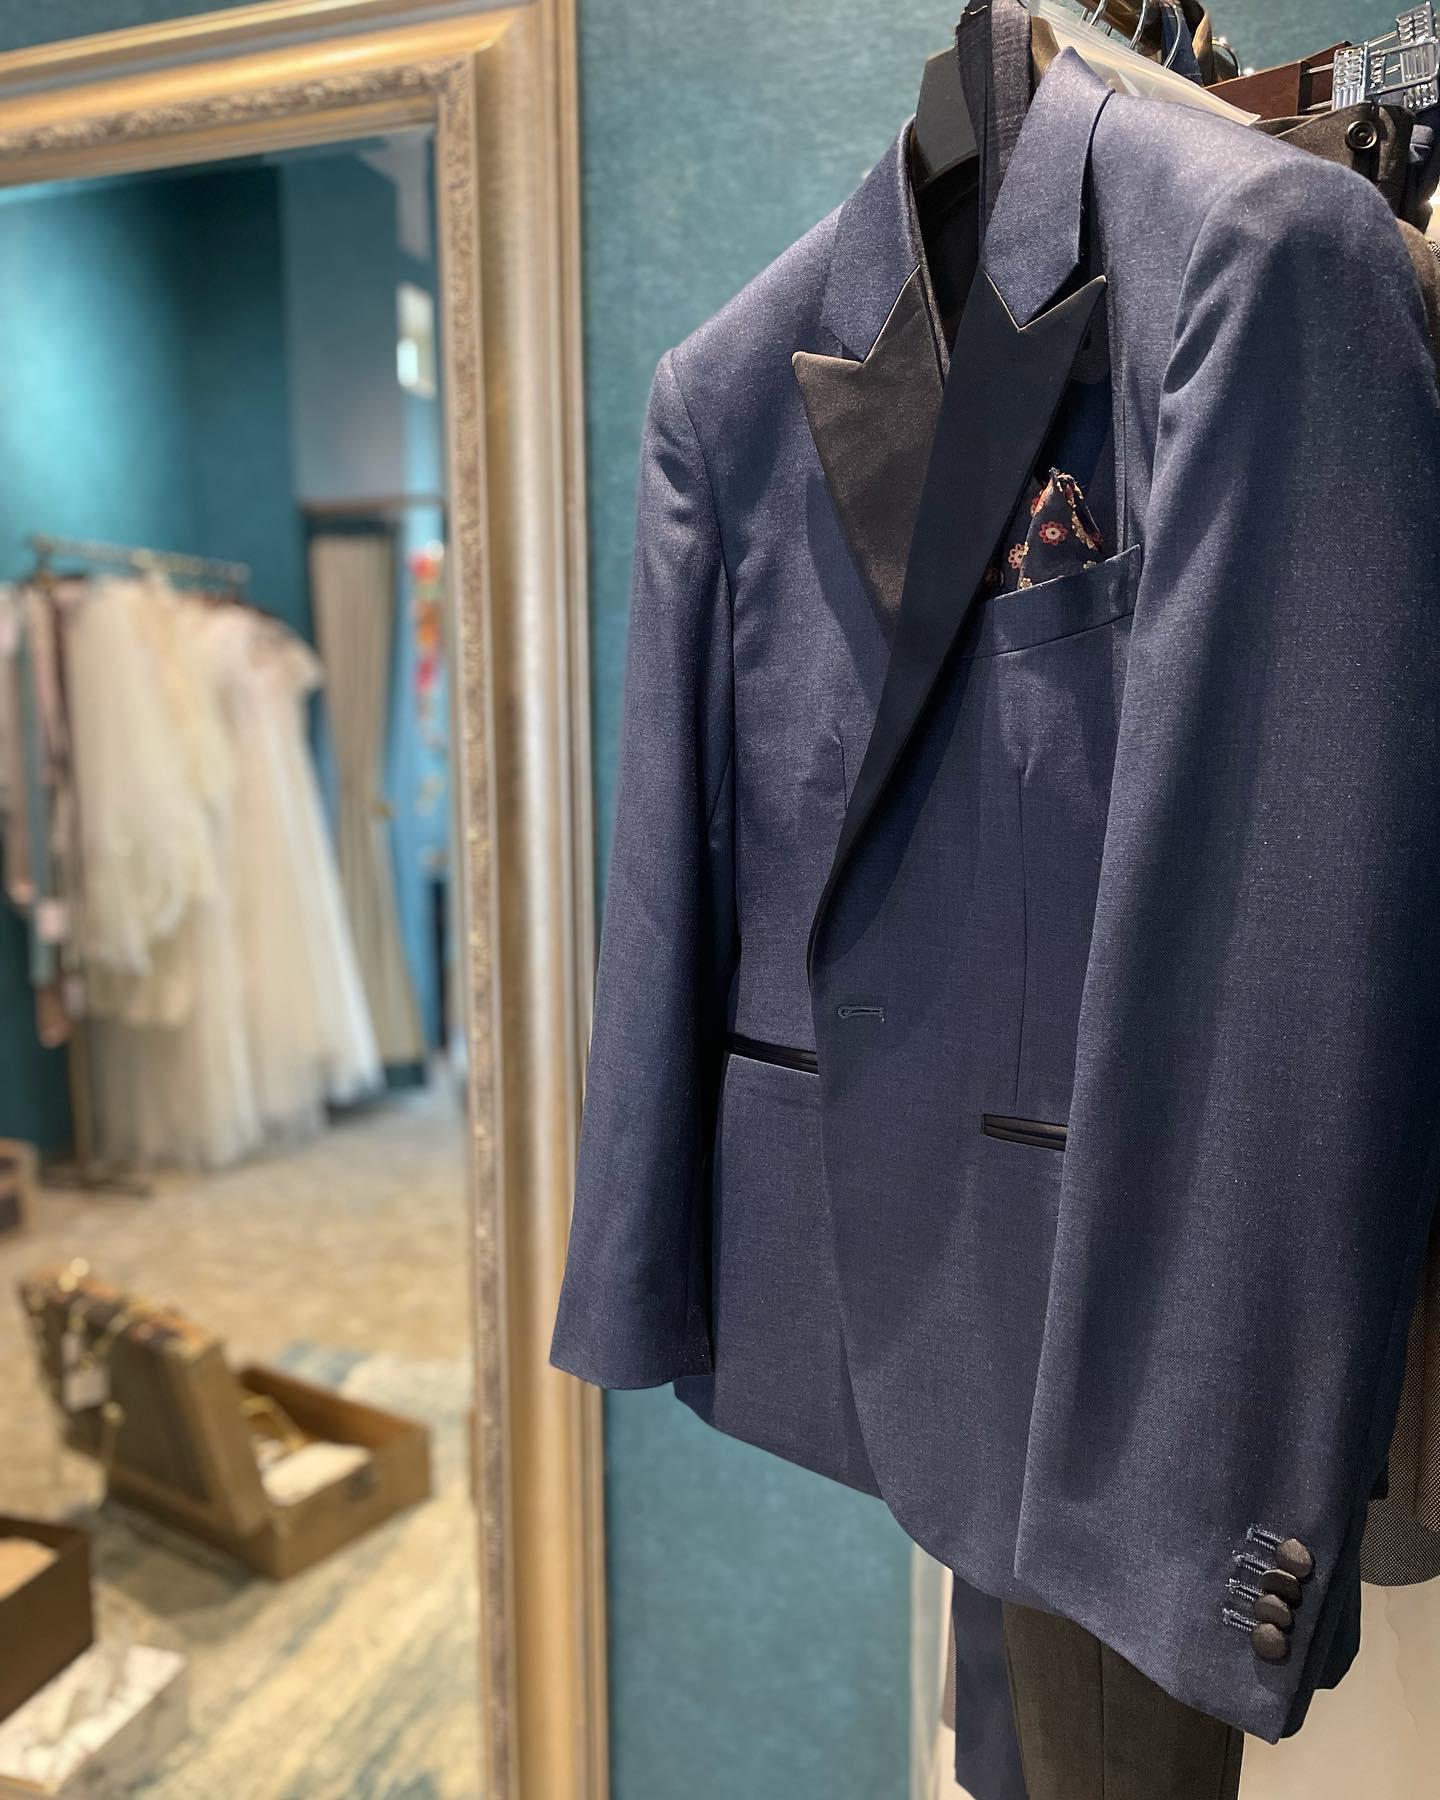 """・Clarasではセミオーダーのタキシードも承れます🤵♂️・ご新婦様がdressを購入ならご新郎様もご一緒にcoordinate🤍お2人揃って初めて完成するスタイリングぜひお気軽にご相談下さいませ・New Normal Wedding Salon""""Claras""""https://claras.jp/・about """"Claras""""…(ラテン語で、明るい·輝く)As(明日· 未来, フランス語て最高、一番) ・明るく輝く明日(未来) に貢献したいという想いを込めています🕊Fashionの都Parisをはじめ、欧米から選りすぐりのドレスをこれから出逢う花嫁のために取揃えました・2021.3.7 (Sun)NEW OPEN・Dressから始まるWedding Story""""憧れていた Dress選びから始まる結婚準備があったっていい""""・さまざまな新しい「価値」を創造し発信していきますこれからの新しい Wedding の常識を""""Claras """"から🕊・New Normal Wedding Salon【Claras】〒107-0061 東京都港区北青山2-9-14SISTER Bldg 1F(101) 東京メトロ銀座線 外苑前駅3番出ロより徒歩2分Tel:03 6910 5163HP: https://claras.jp営業時間:平日 12:00-18:00 土日祝11:00-18:00(定休日:月・火)・#wedding #weddingdress #instagood #instalike #claras #paris #vowrenewal#ウェディングドレス #プレ花嫁 #ドレス試着 #ドレス迷子#2021夏婚 #2021冬婚 #ヘアメイク #結婚式  #インポートドレス #フォトウェディング #ウェディングヘア  #フォト婚 #ニューノーマル #ブライダルフォト #カップルフォト #ウェディングドレス探し #ウェディングドレス試着 #セルドレス #ドレスショップ #バウリニューアル #運命のドレス #セミオーダー #オーダースーツ"""